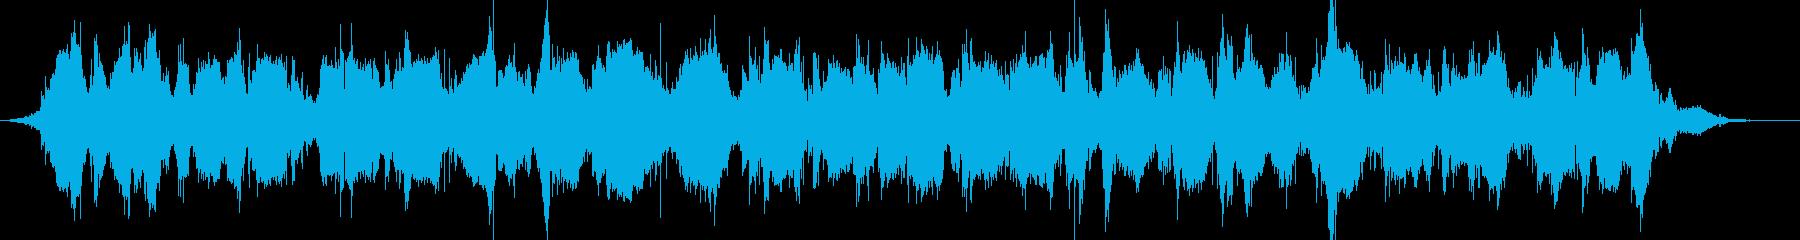 不気味で不思議なホラーBGMの再生済みの波形